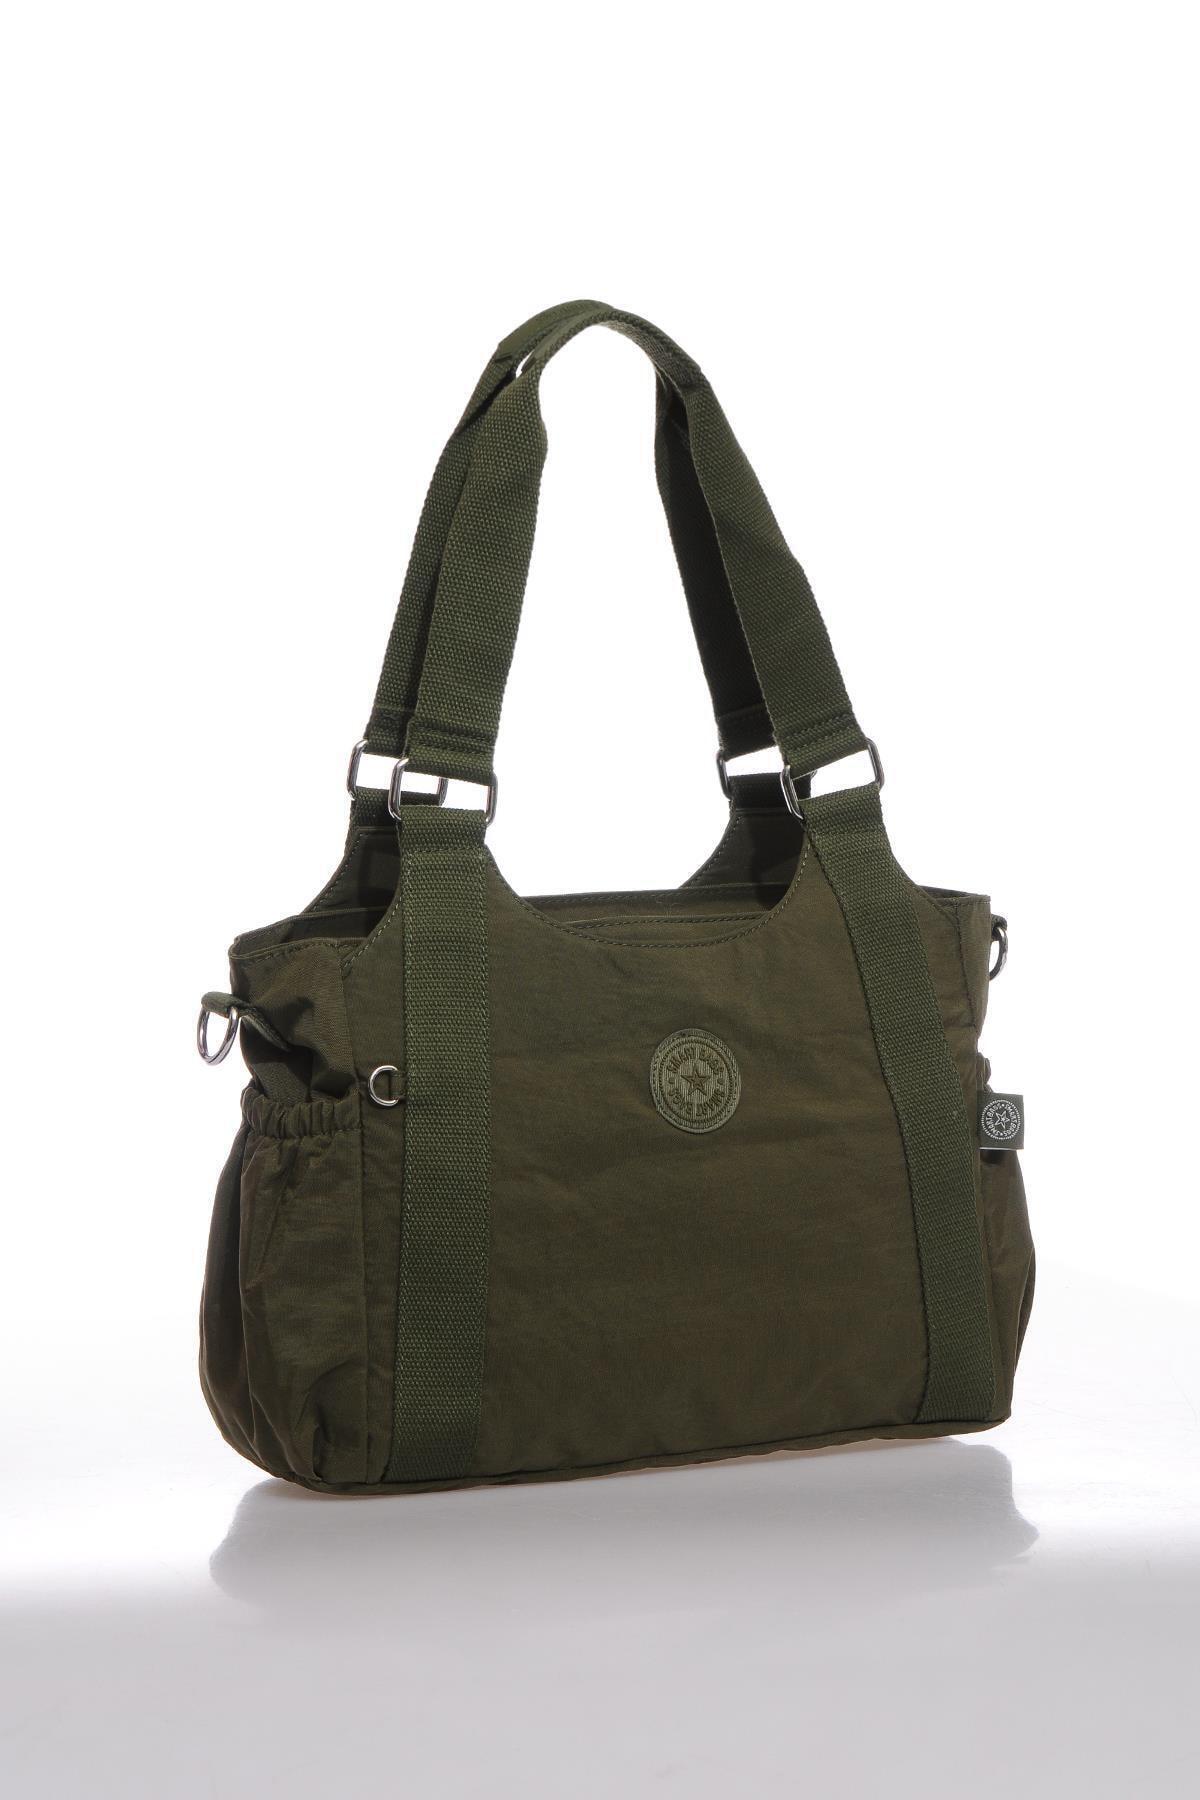 SMART BAGS Kadın Koyu Yeşil Omuz Çantası Smbk1163-0029 2